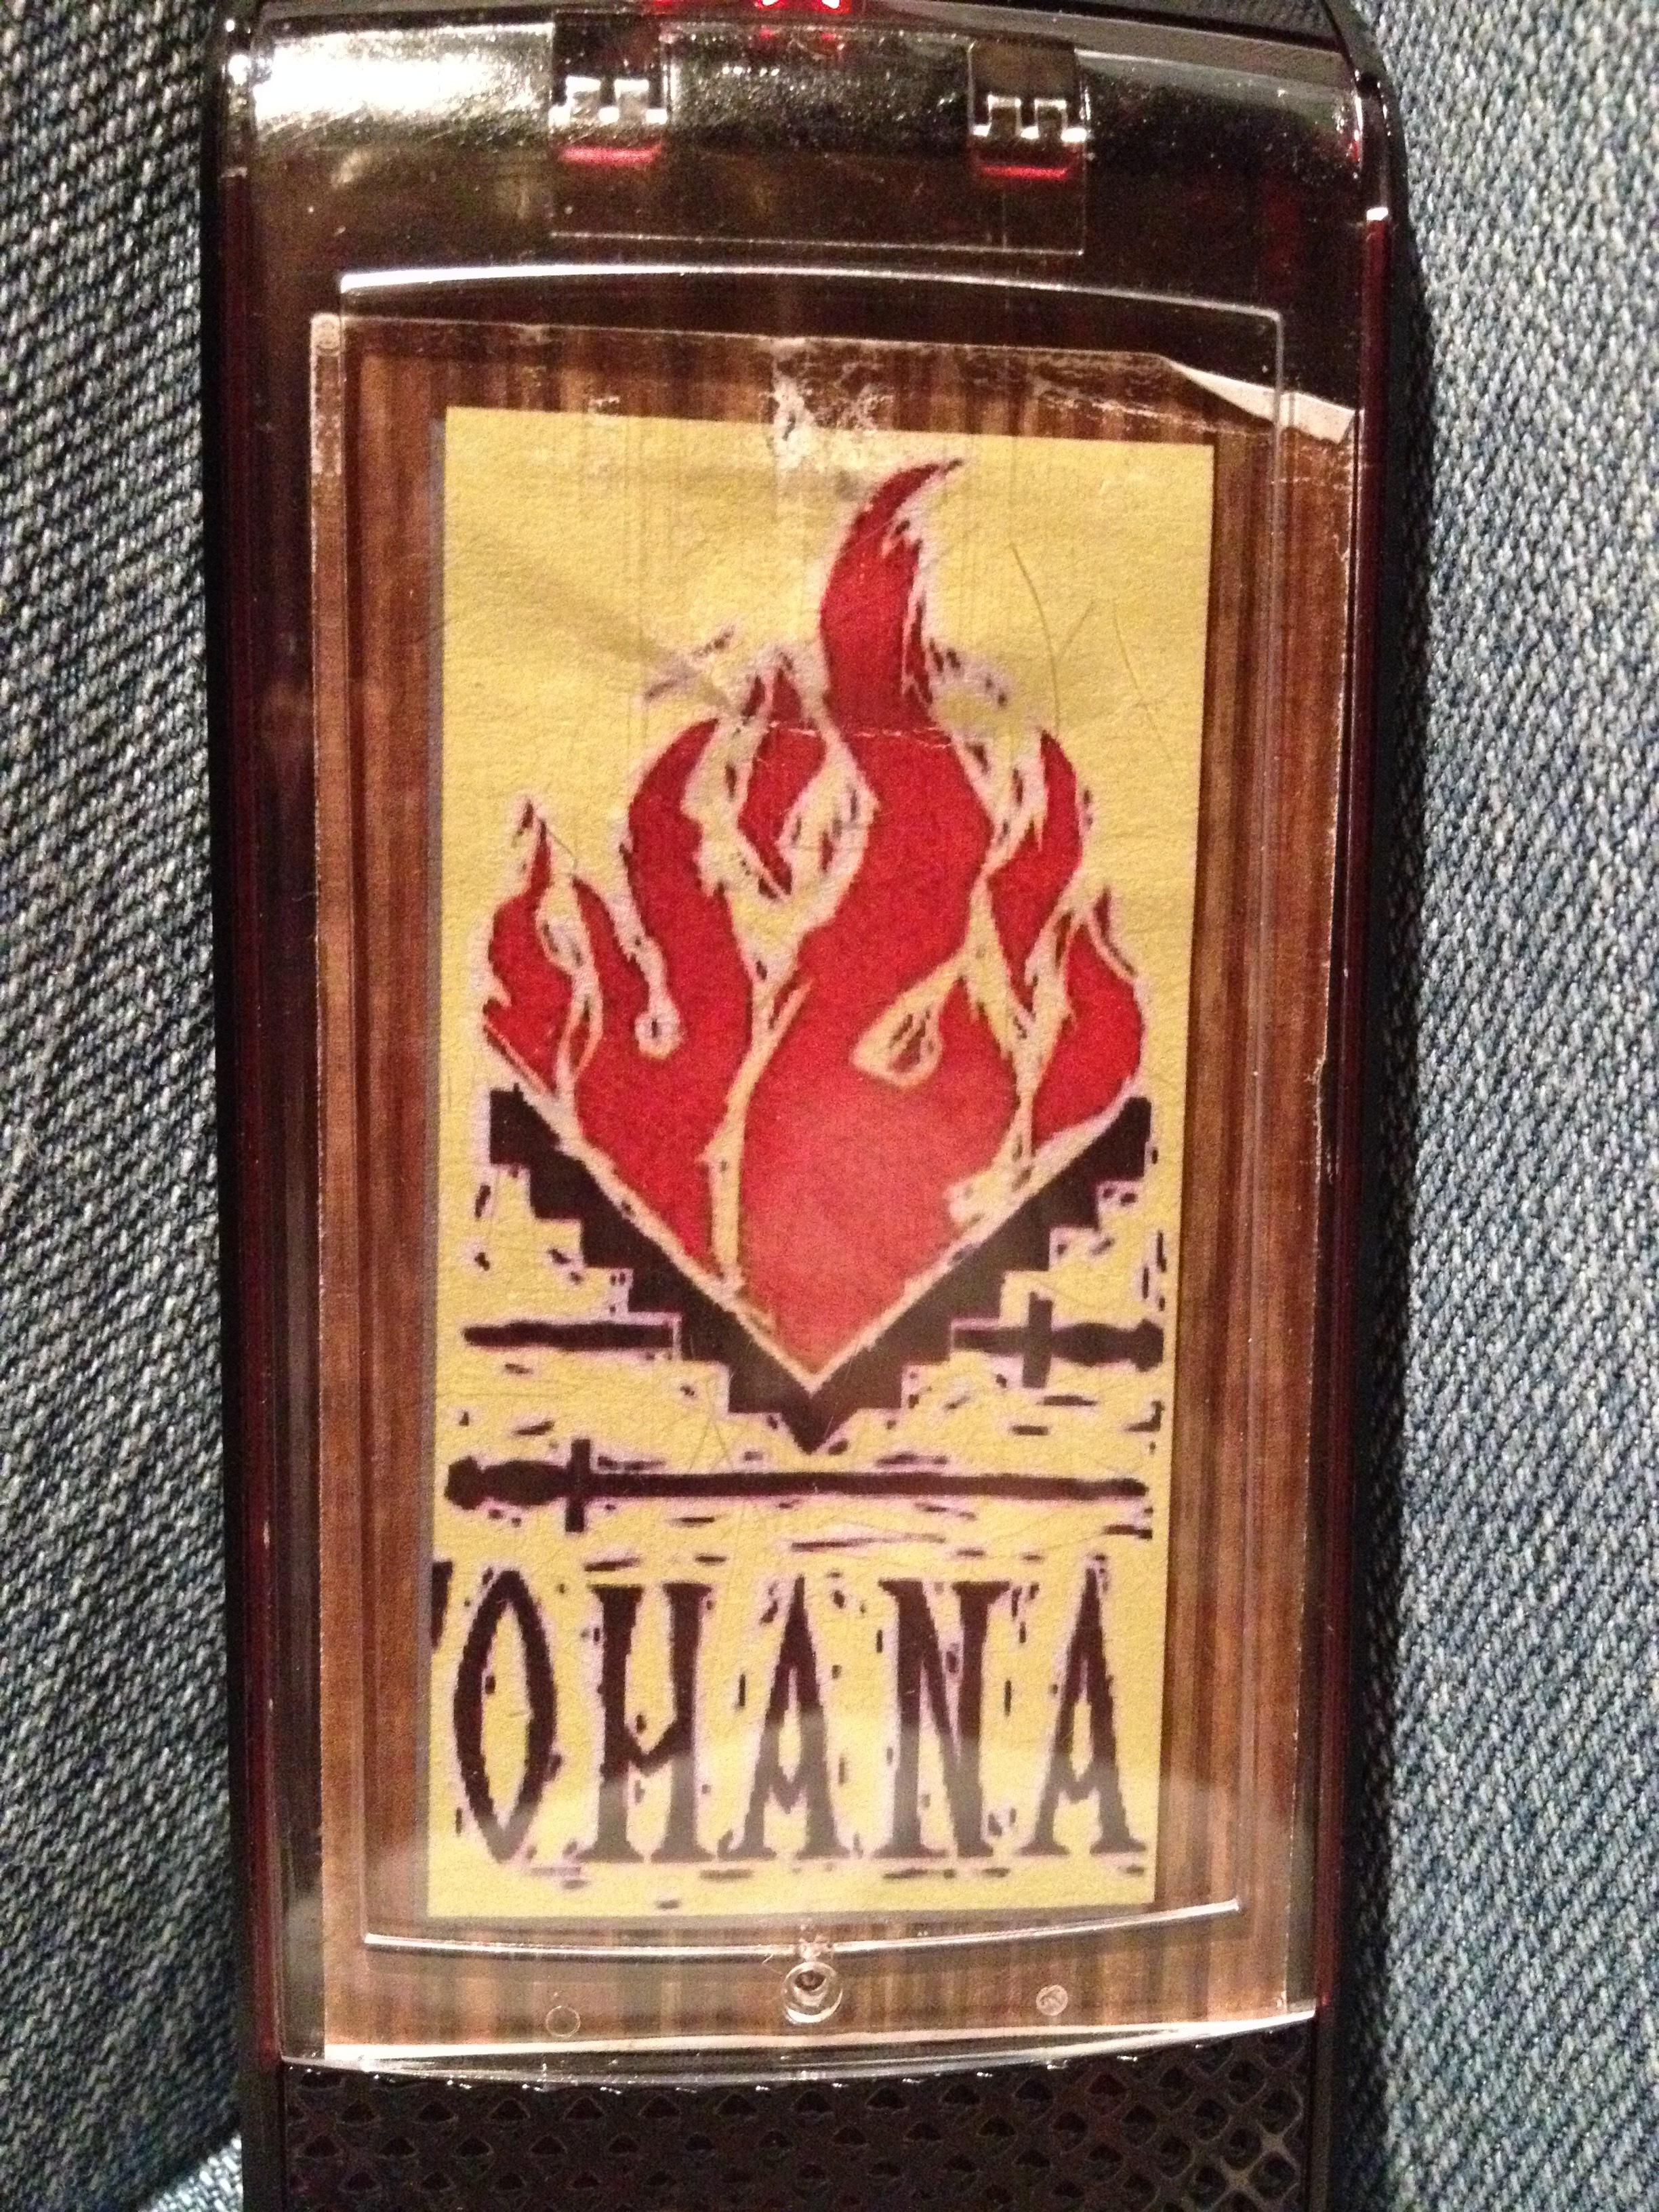 My 'Ohana Experience